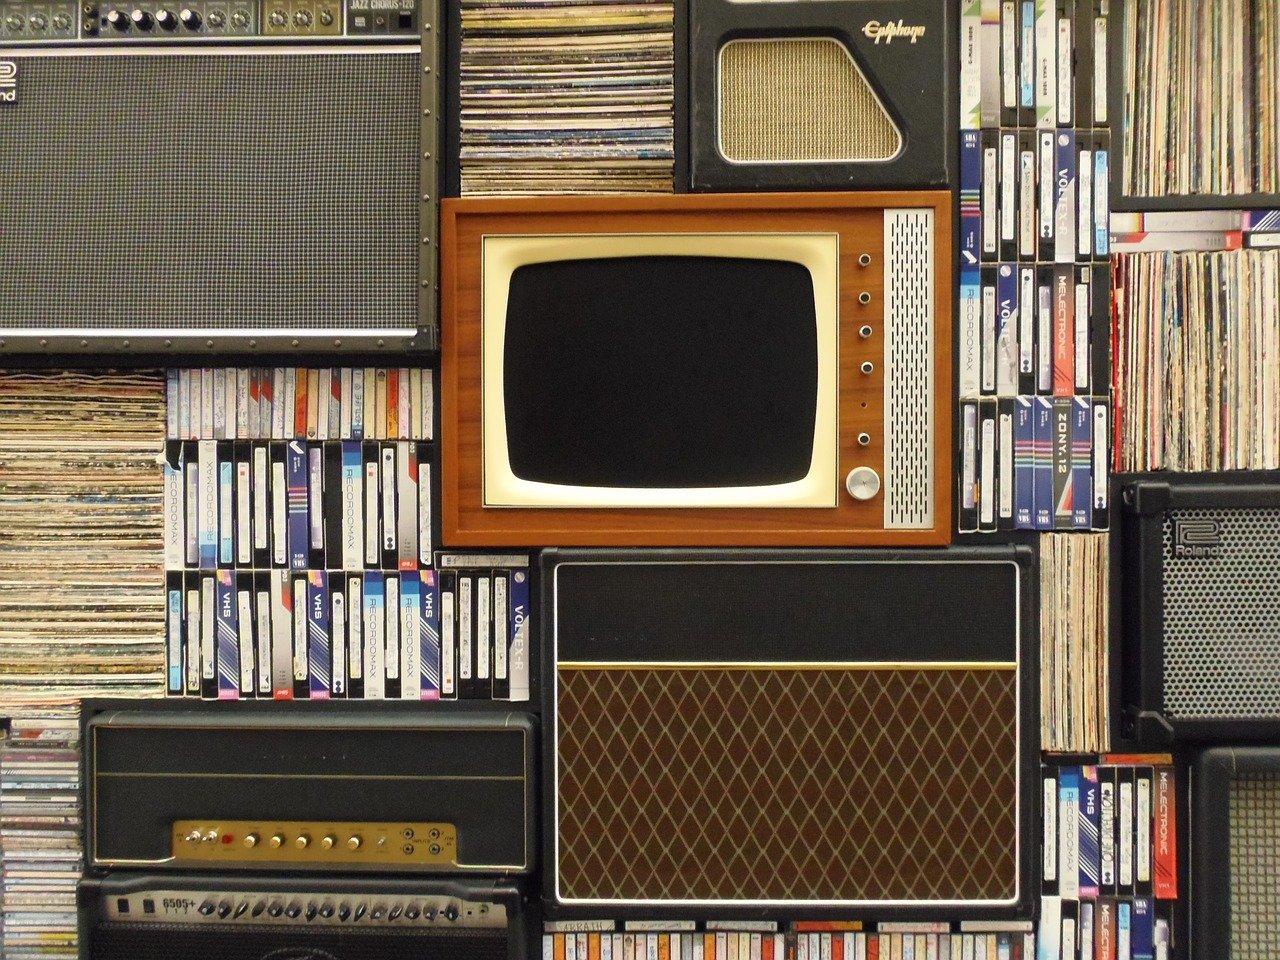 Une vieille télévision dans une bibliothèque